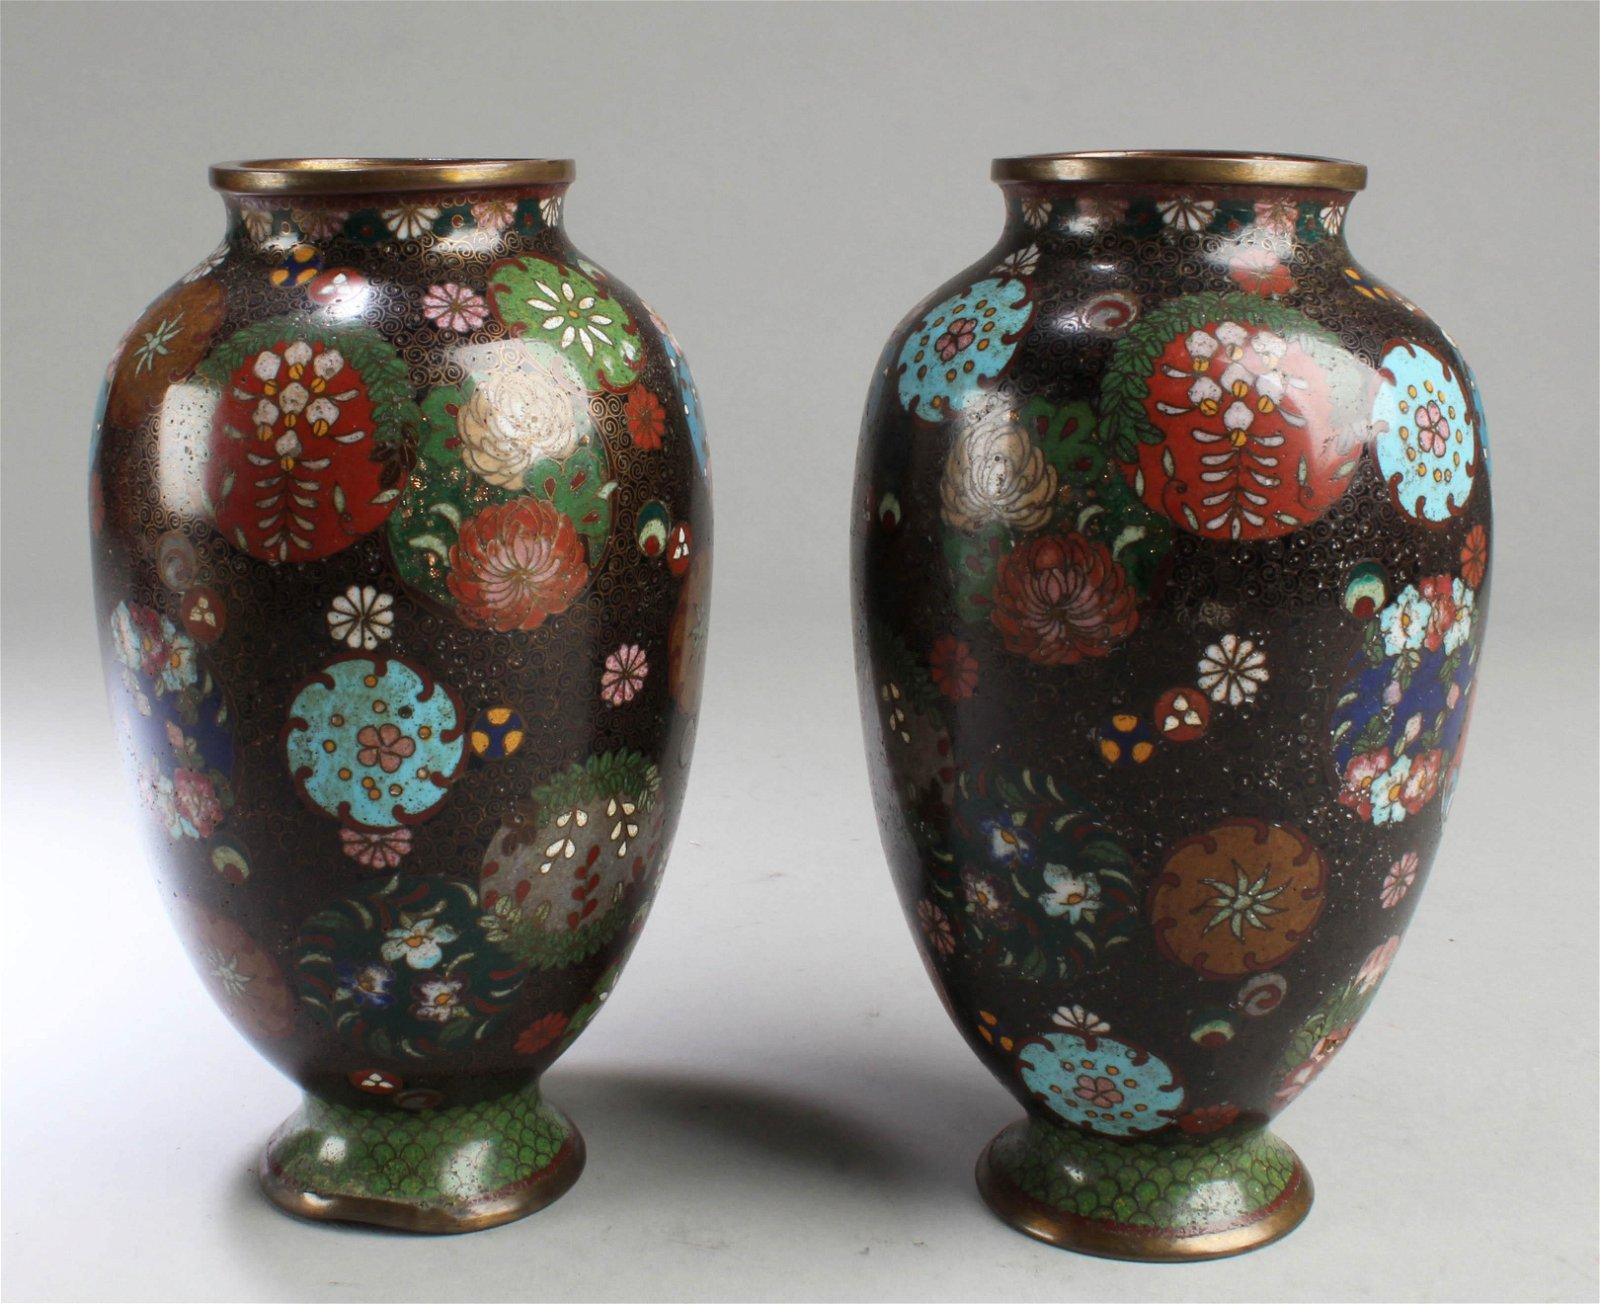 A Pair of Antique Cloisonne Vases